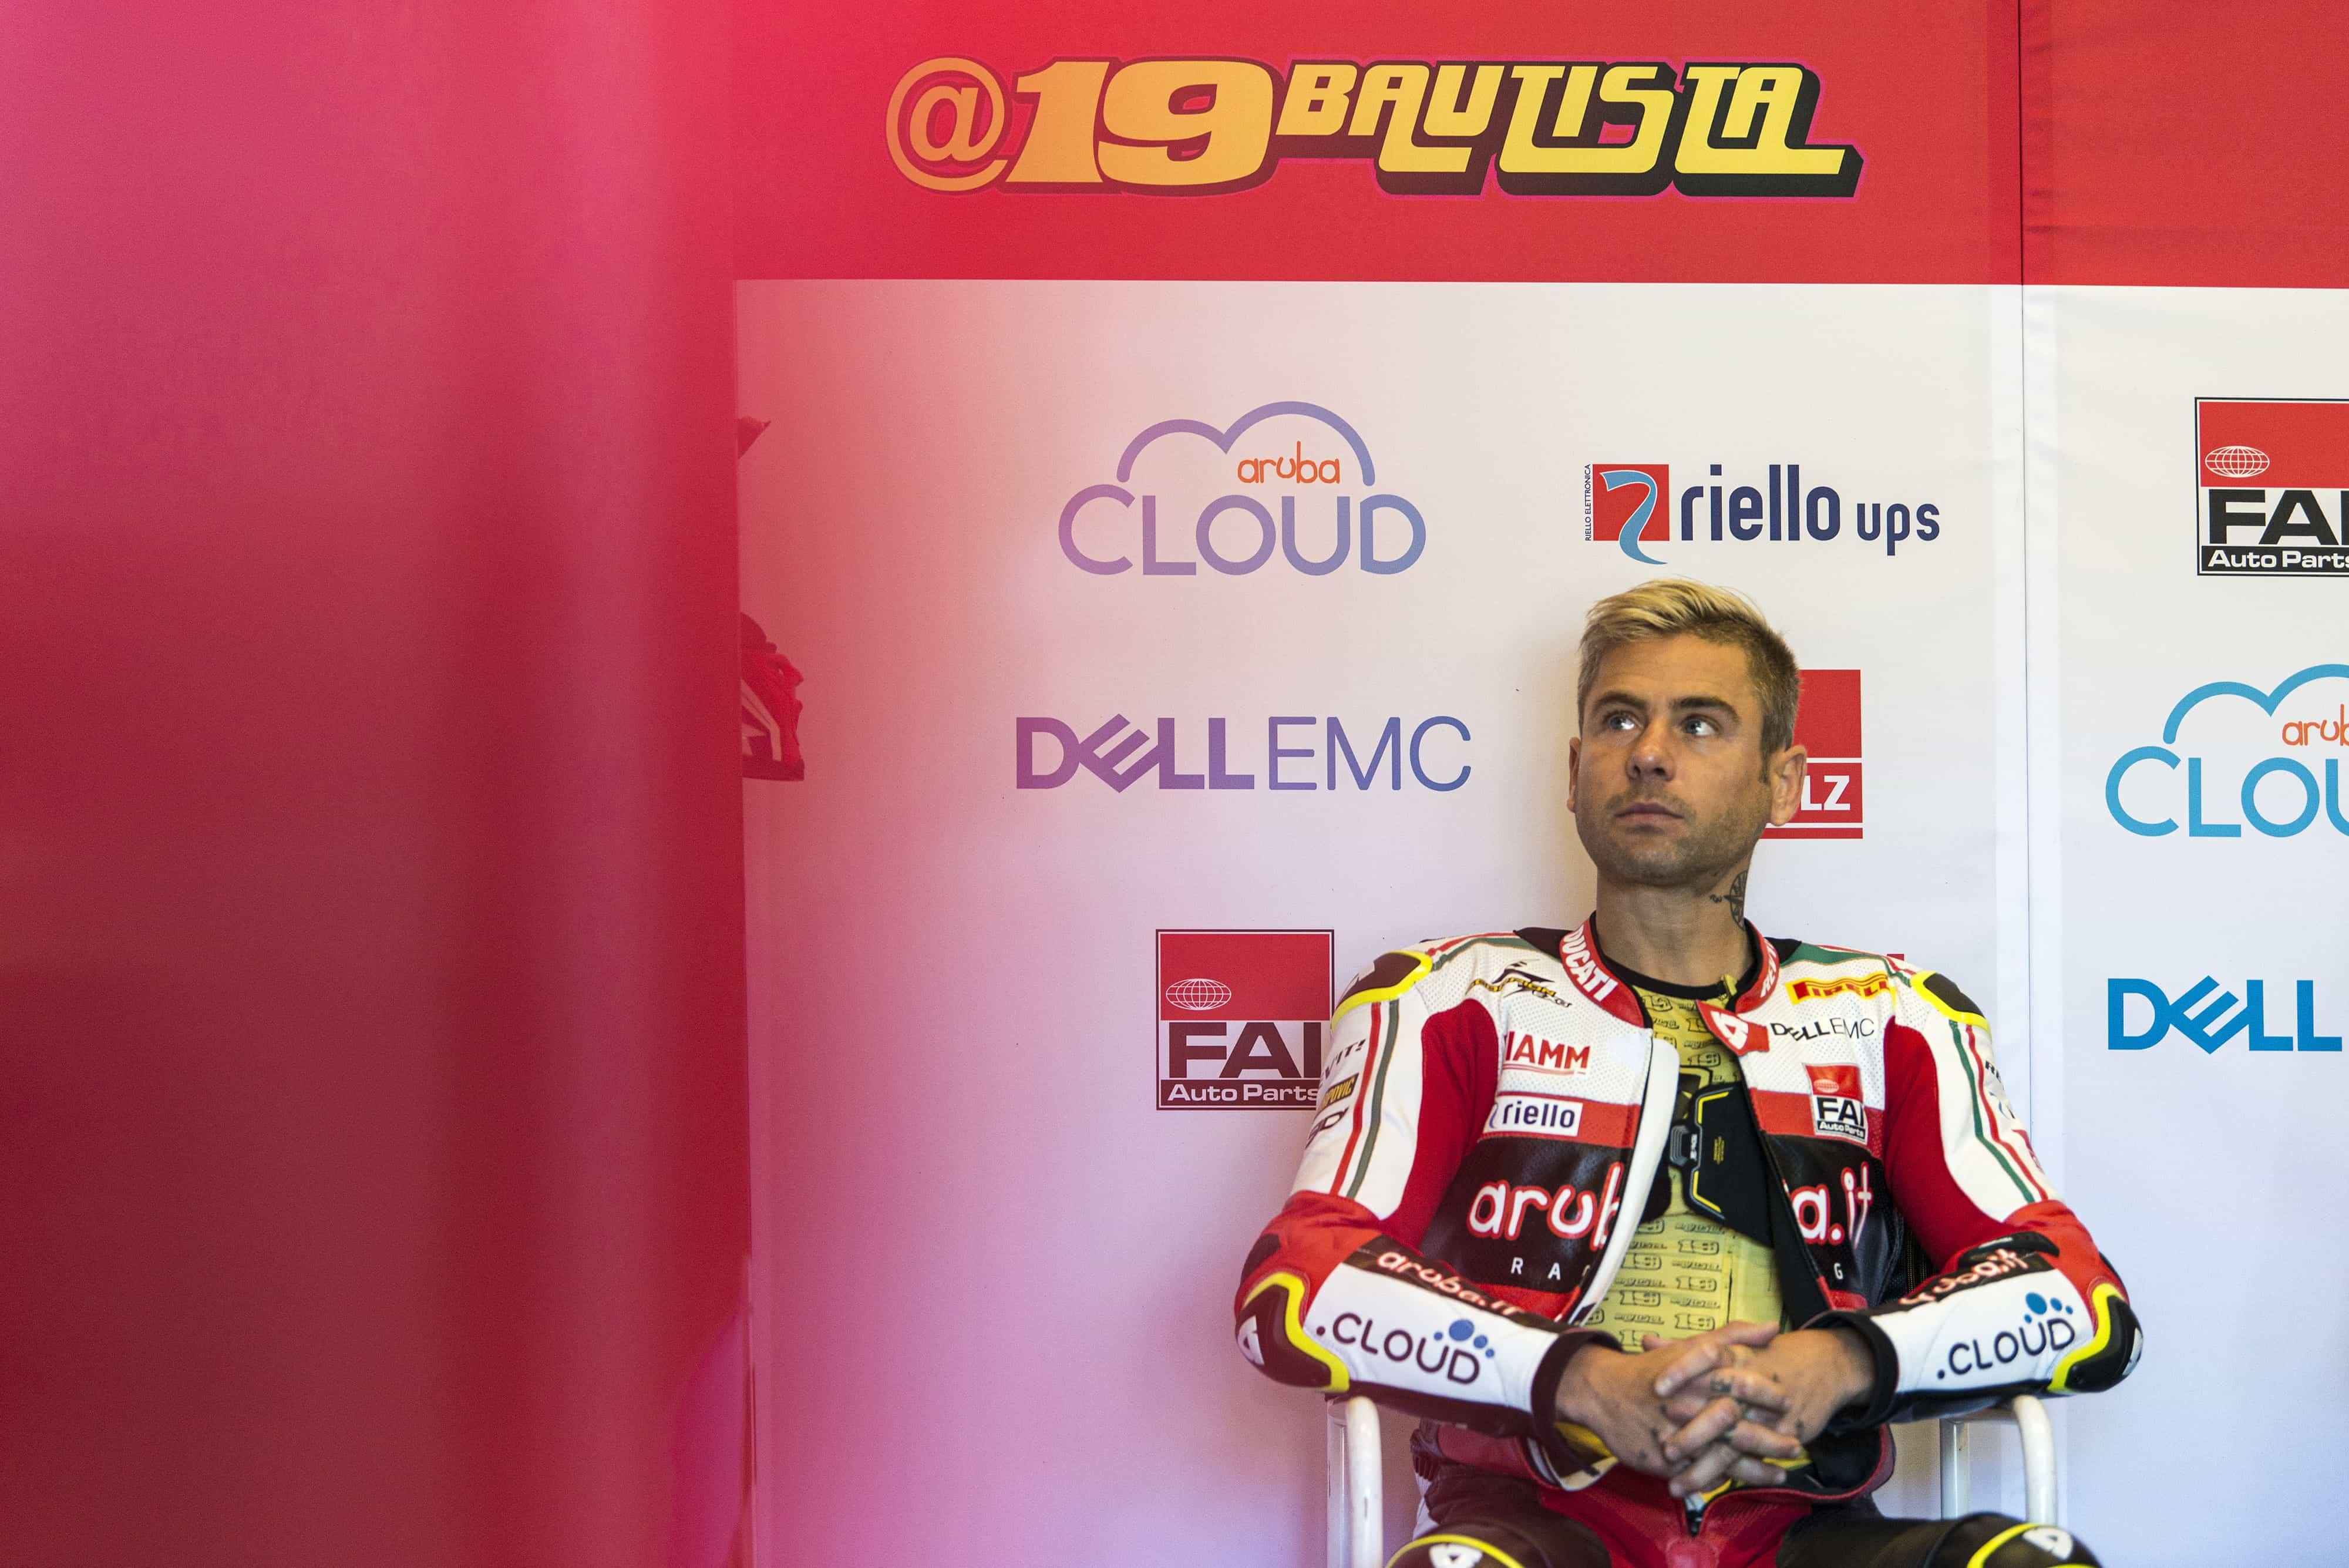 SBK第9戦ラグナ・セカ レース1DNF バウティスタ「優勝出来るチャンスもあったのに最悪の気分」